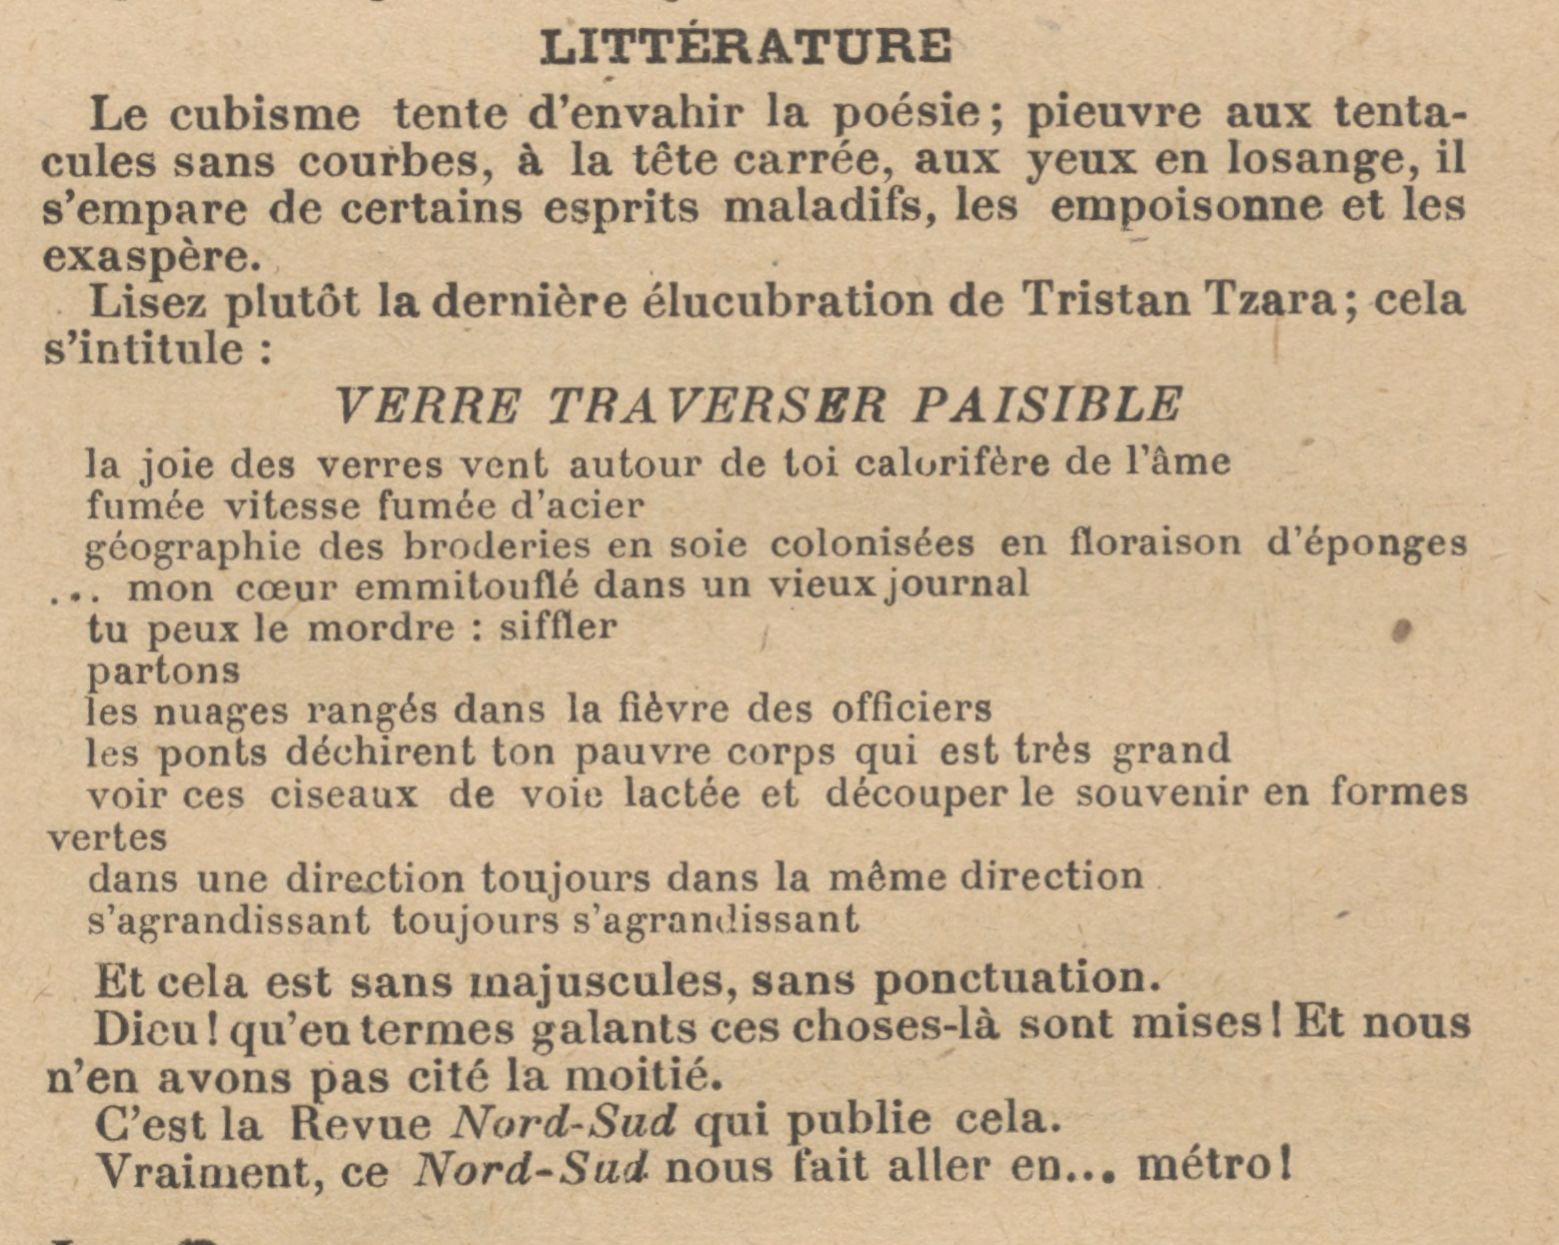 texte_6_le_carnet_du_liseur_-_poeme_de_tzara.jpg